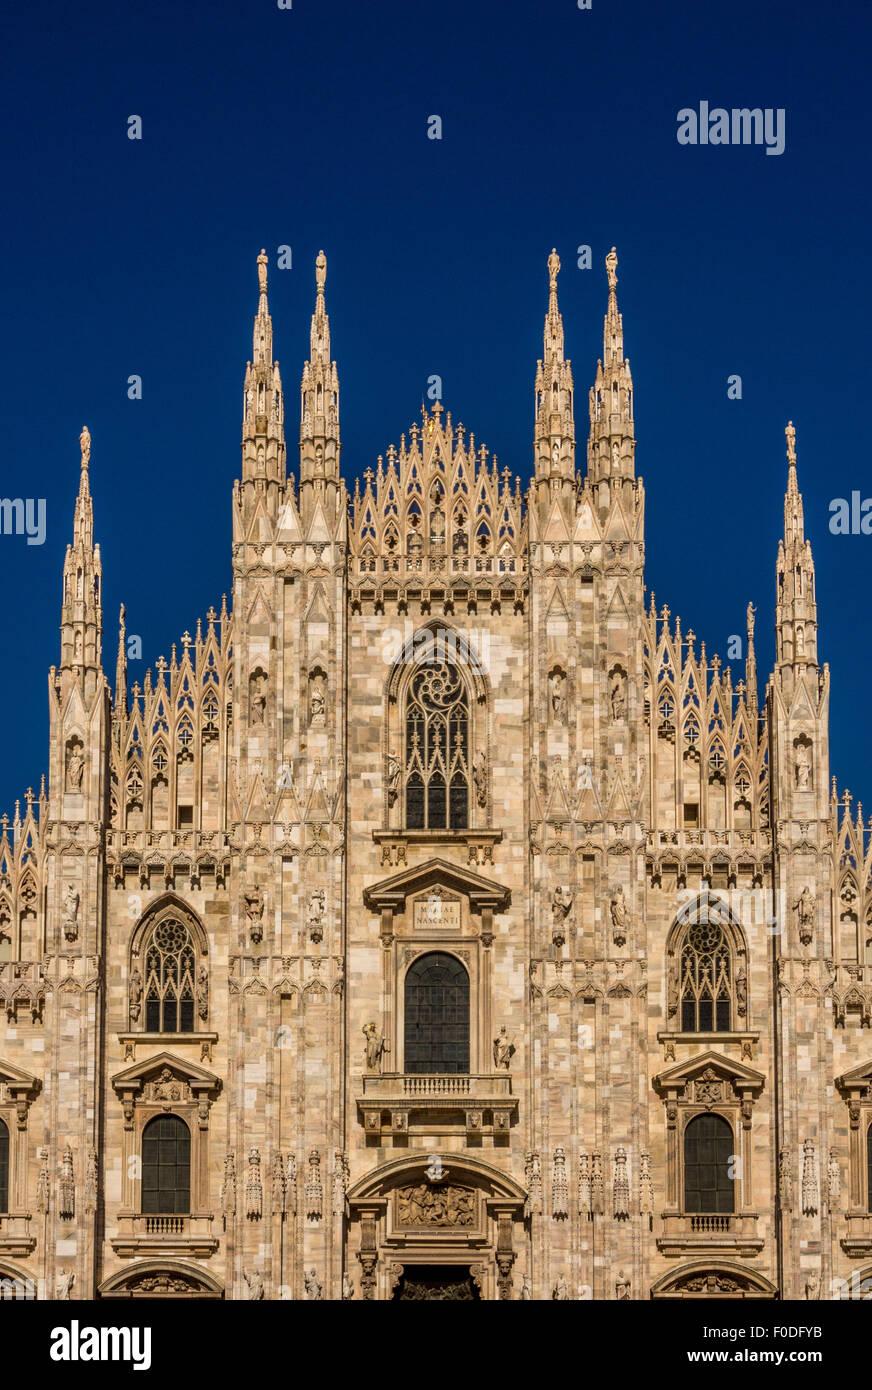 Milan Cathedral - Stock Image